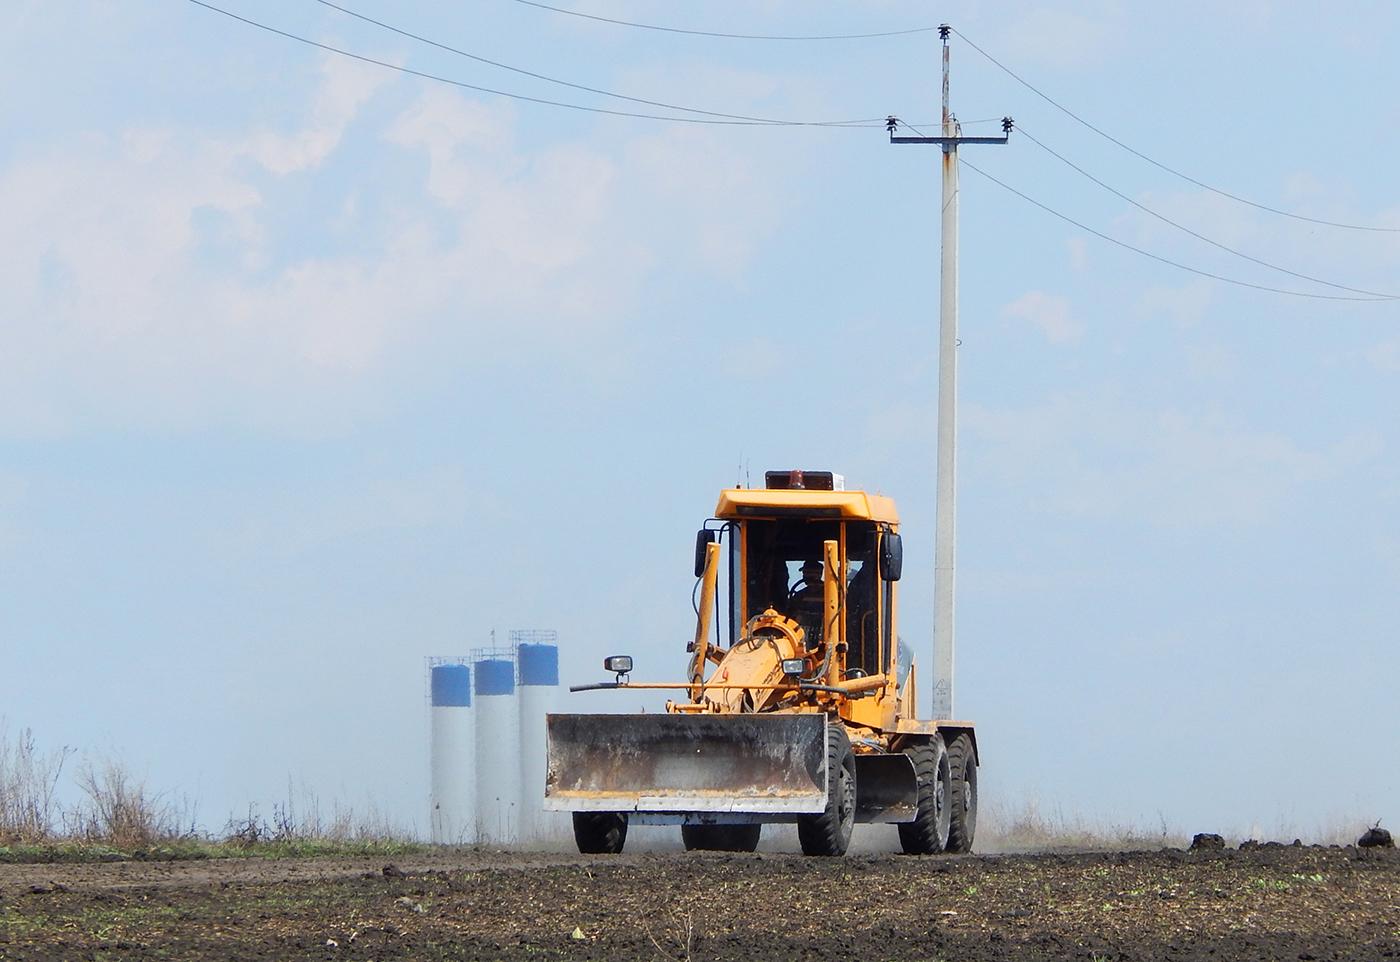 Автогрейдер ДЗ-122Б # 7175 ЕР 31. Белгородская область, Алексеевский район